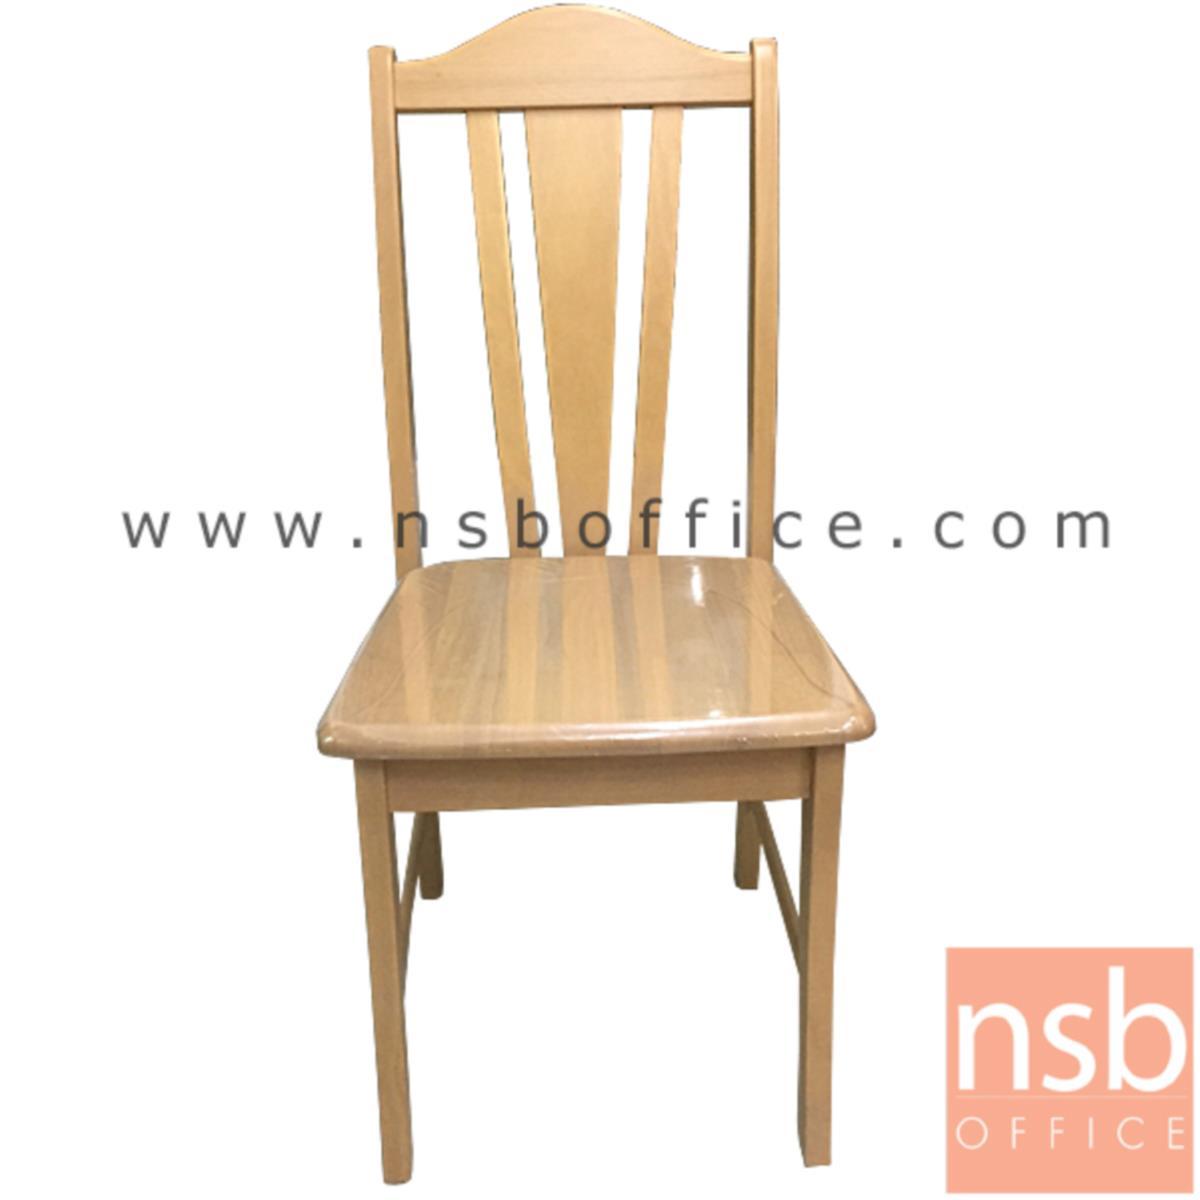 เก้าอี้ไม้ยางพาราที่นั่งปิดผิวโฟเมก้าลายไม้ รุ่น Conquest (คอนเควสต์) ขาไม้